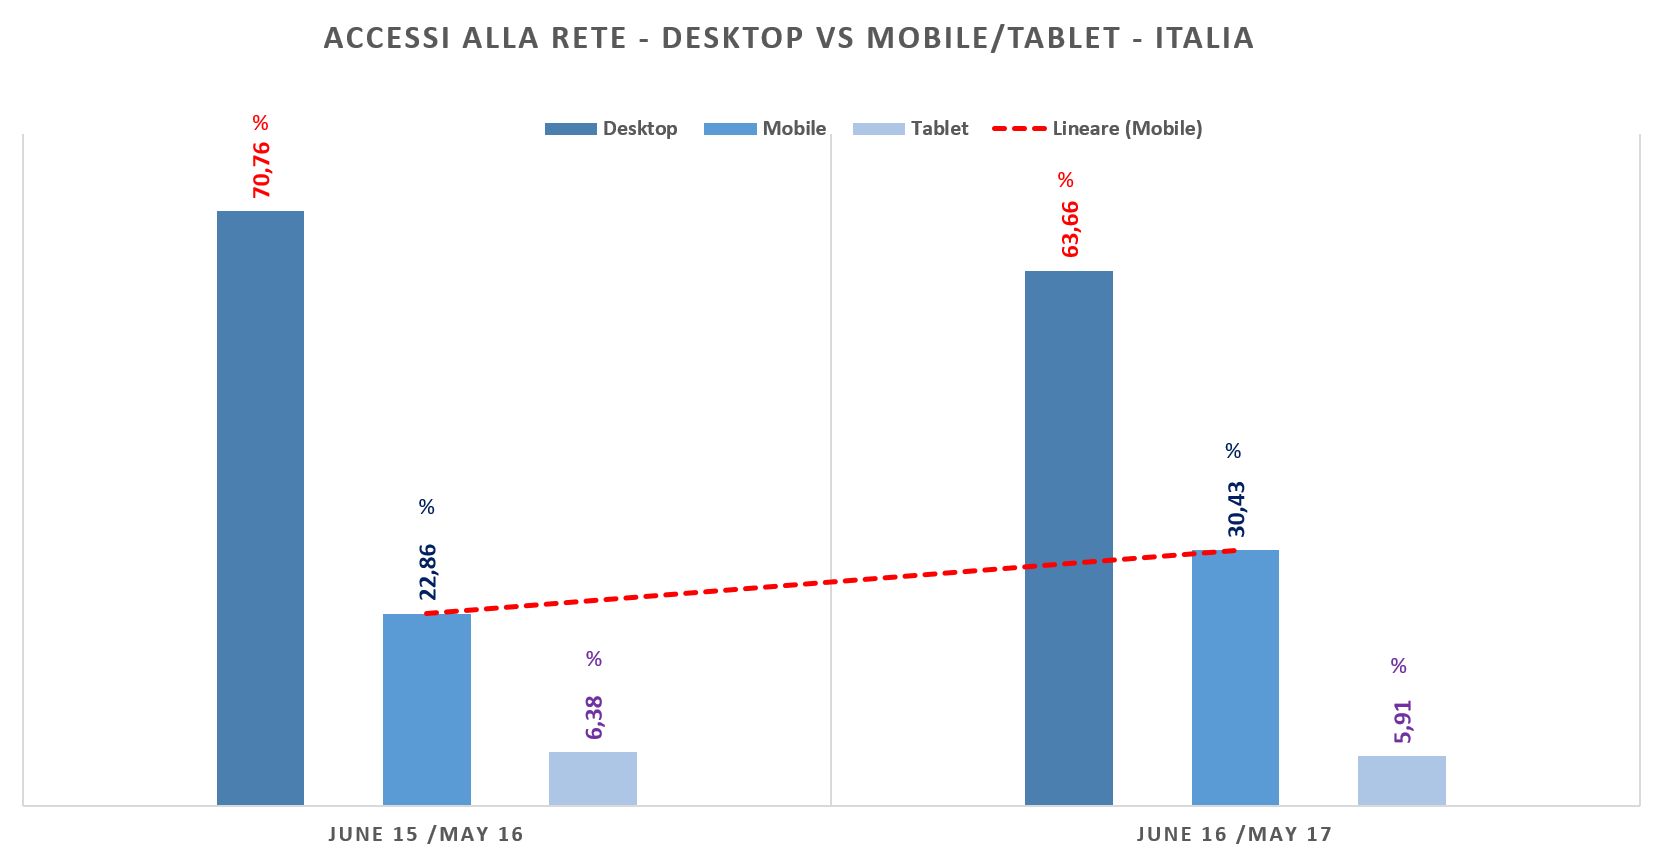 Accessi da tecnologia mobile e desktop in Italia, due anni a confronto